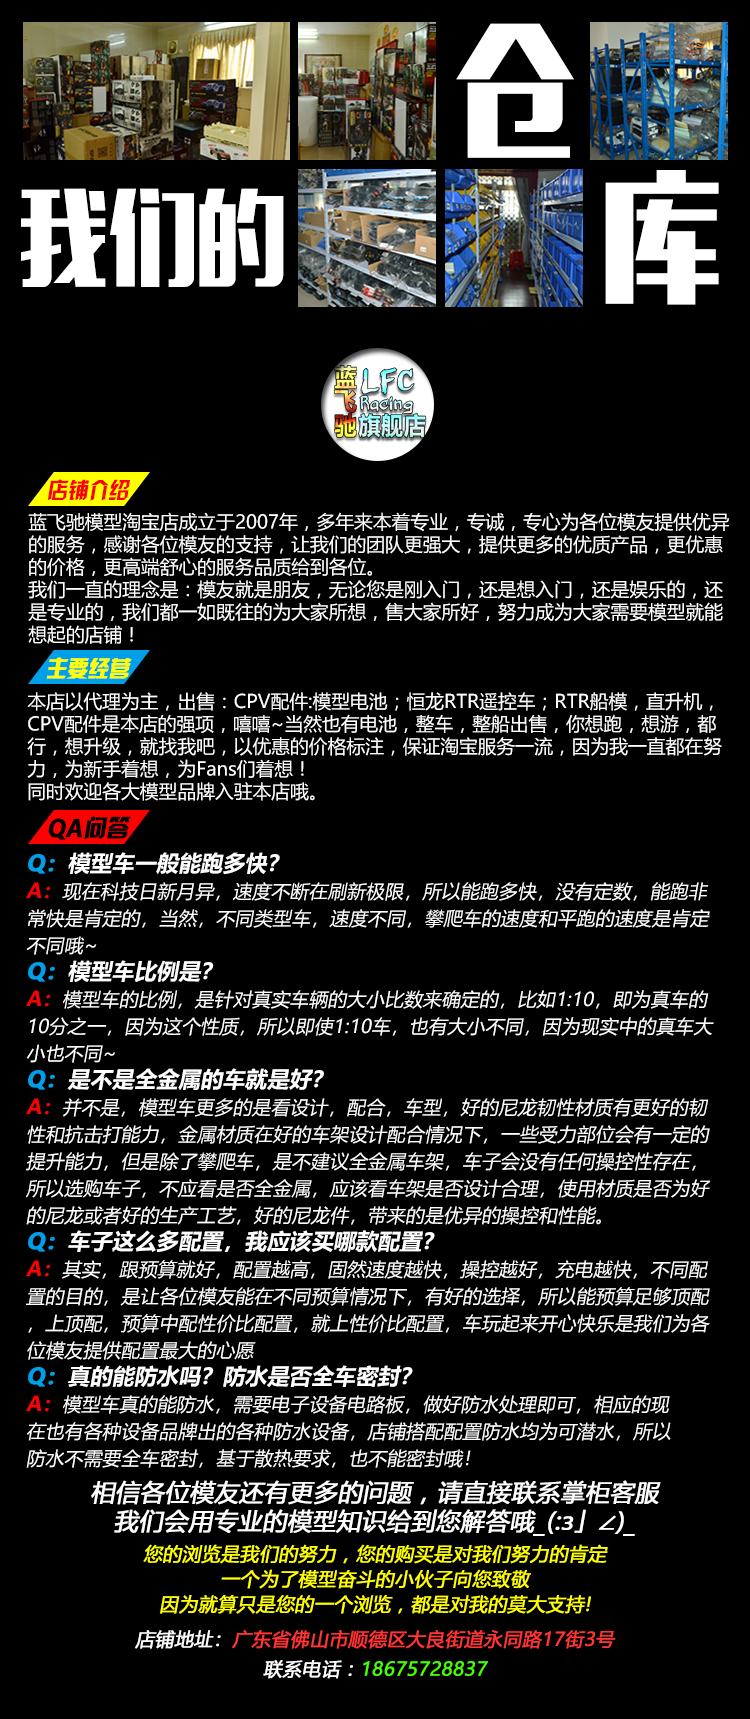 【新品特惠】Xpress Execute XQ2S 110電動房車 競速平路車架KIT電房RC遙控車-JYL31985